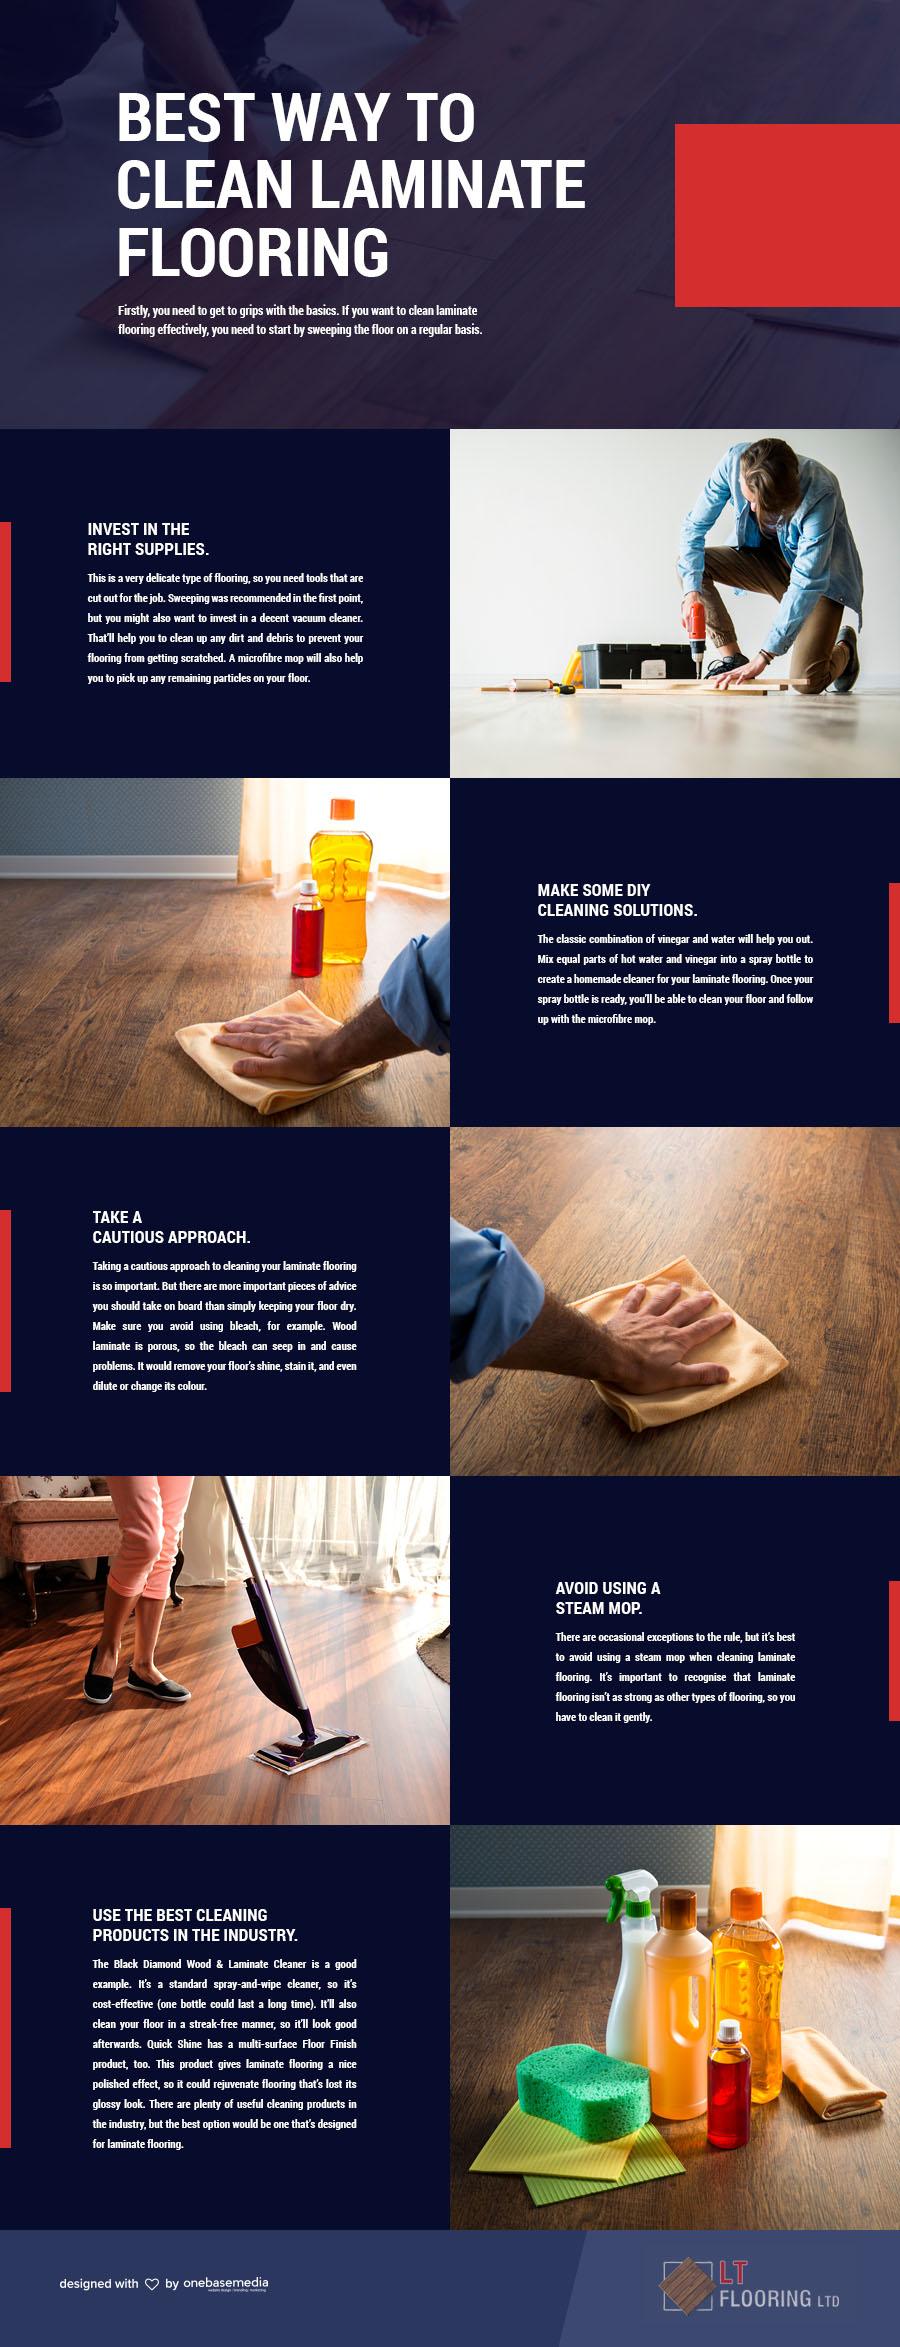 Ways To Clean Laminate Floors